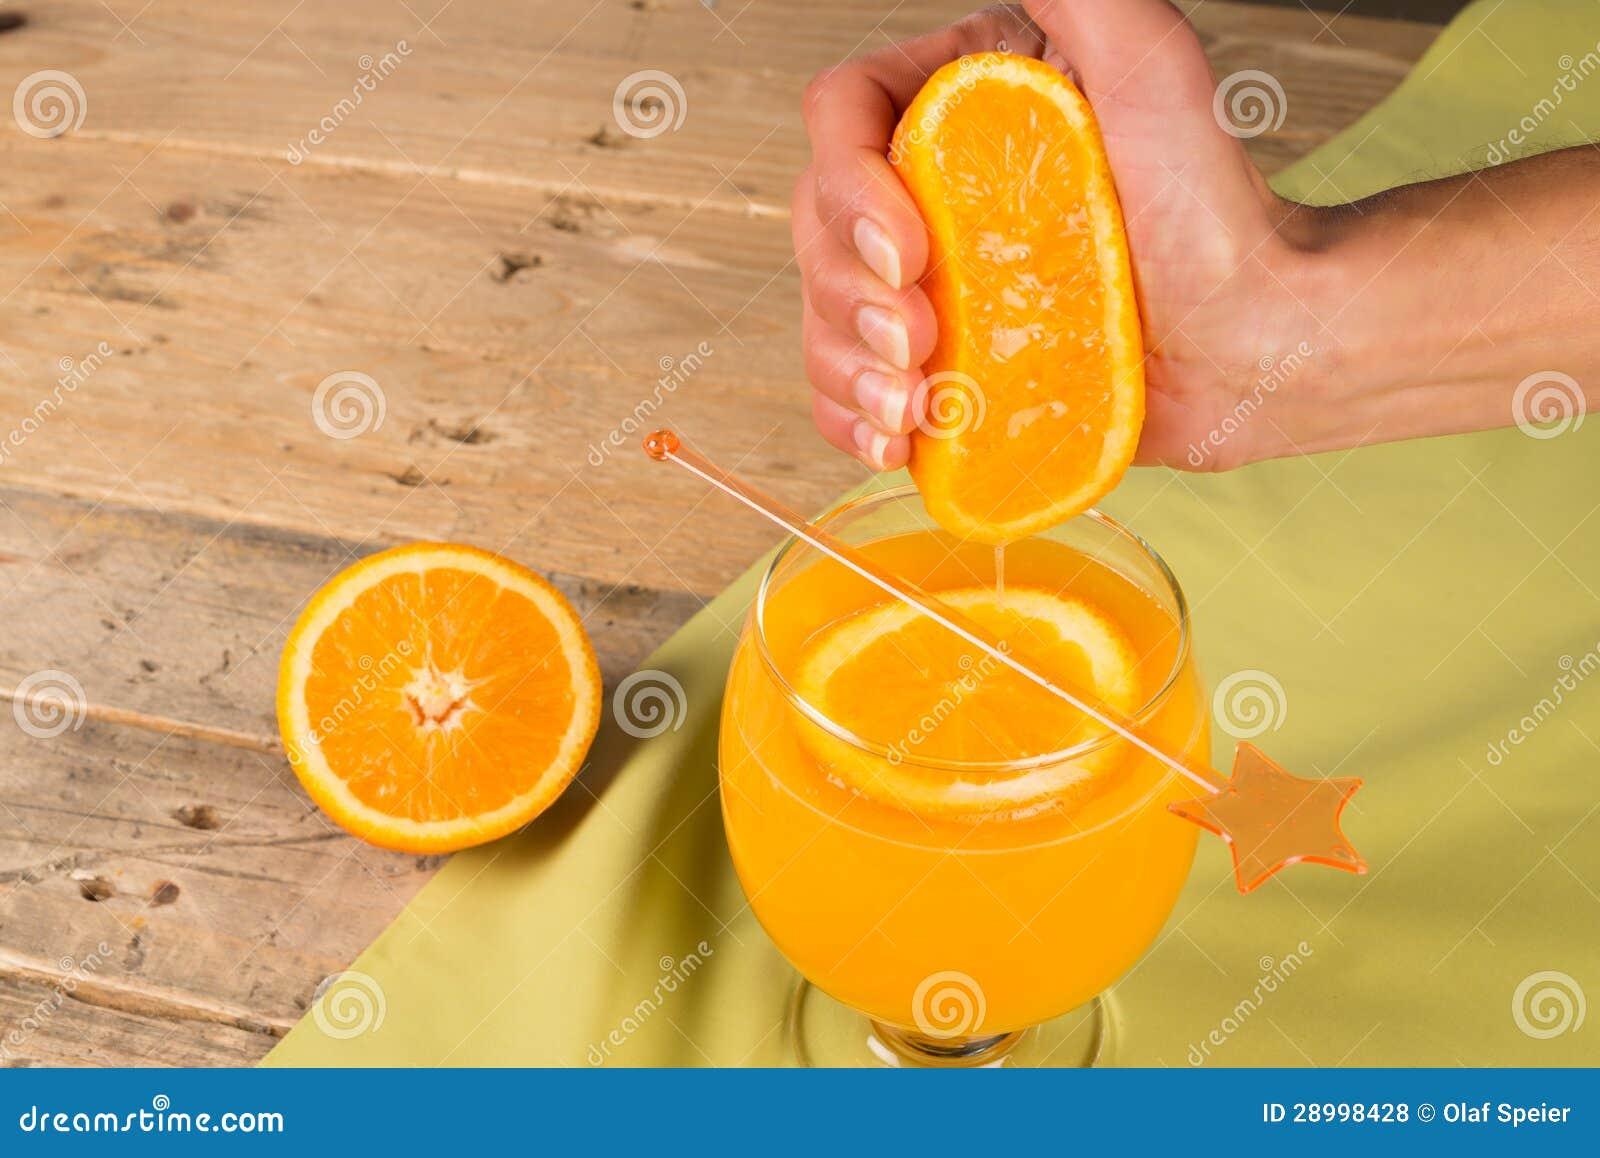 Squeezing natural orange juice